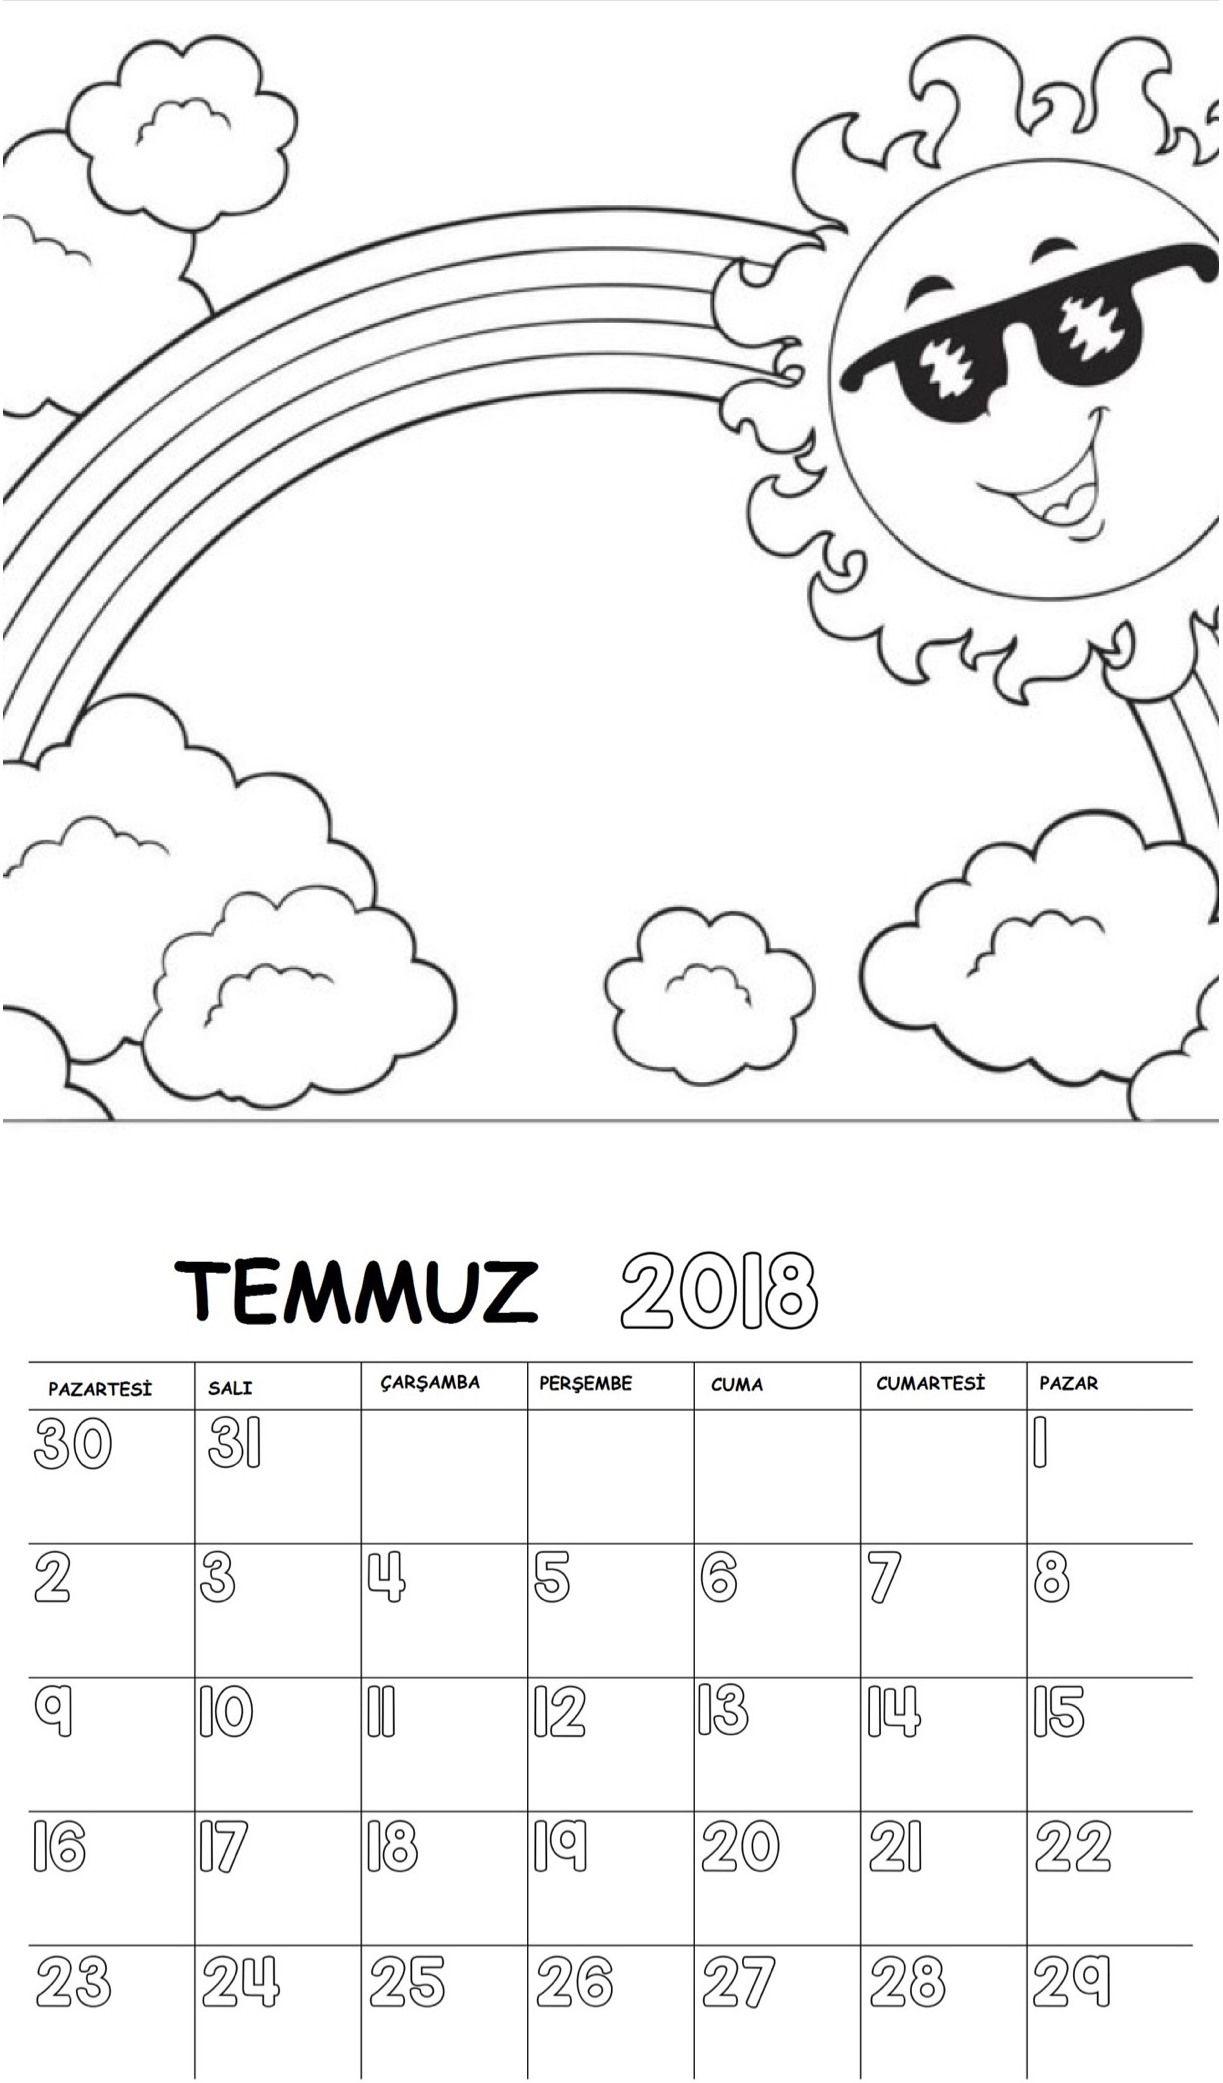 Okul öncesi 2018 Boyama Sayfalı Takvimi Takvim 2018 Preschool